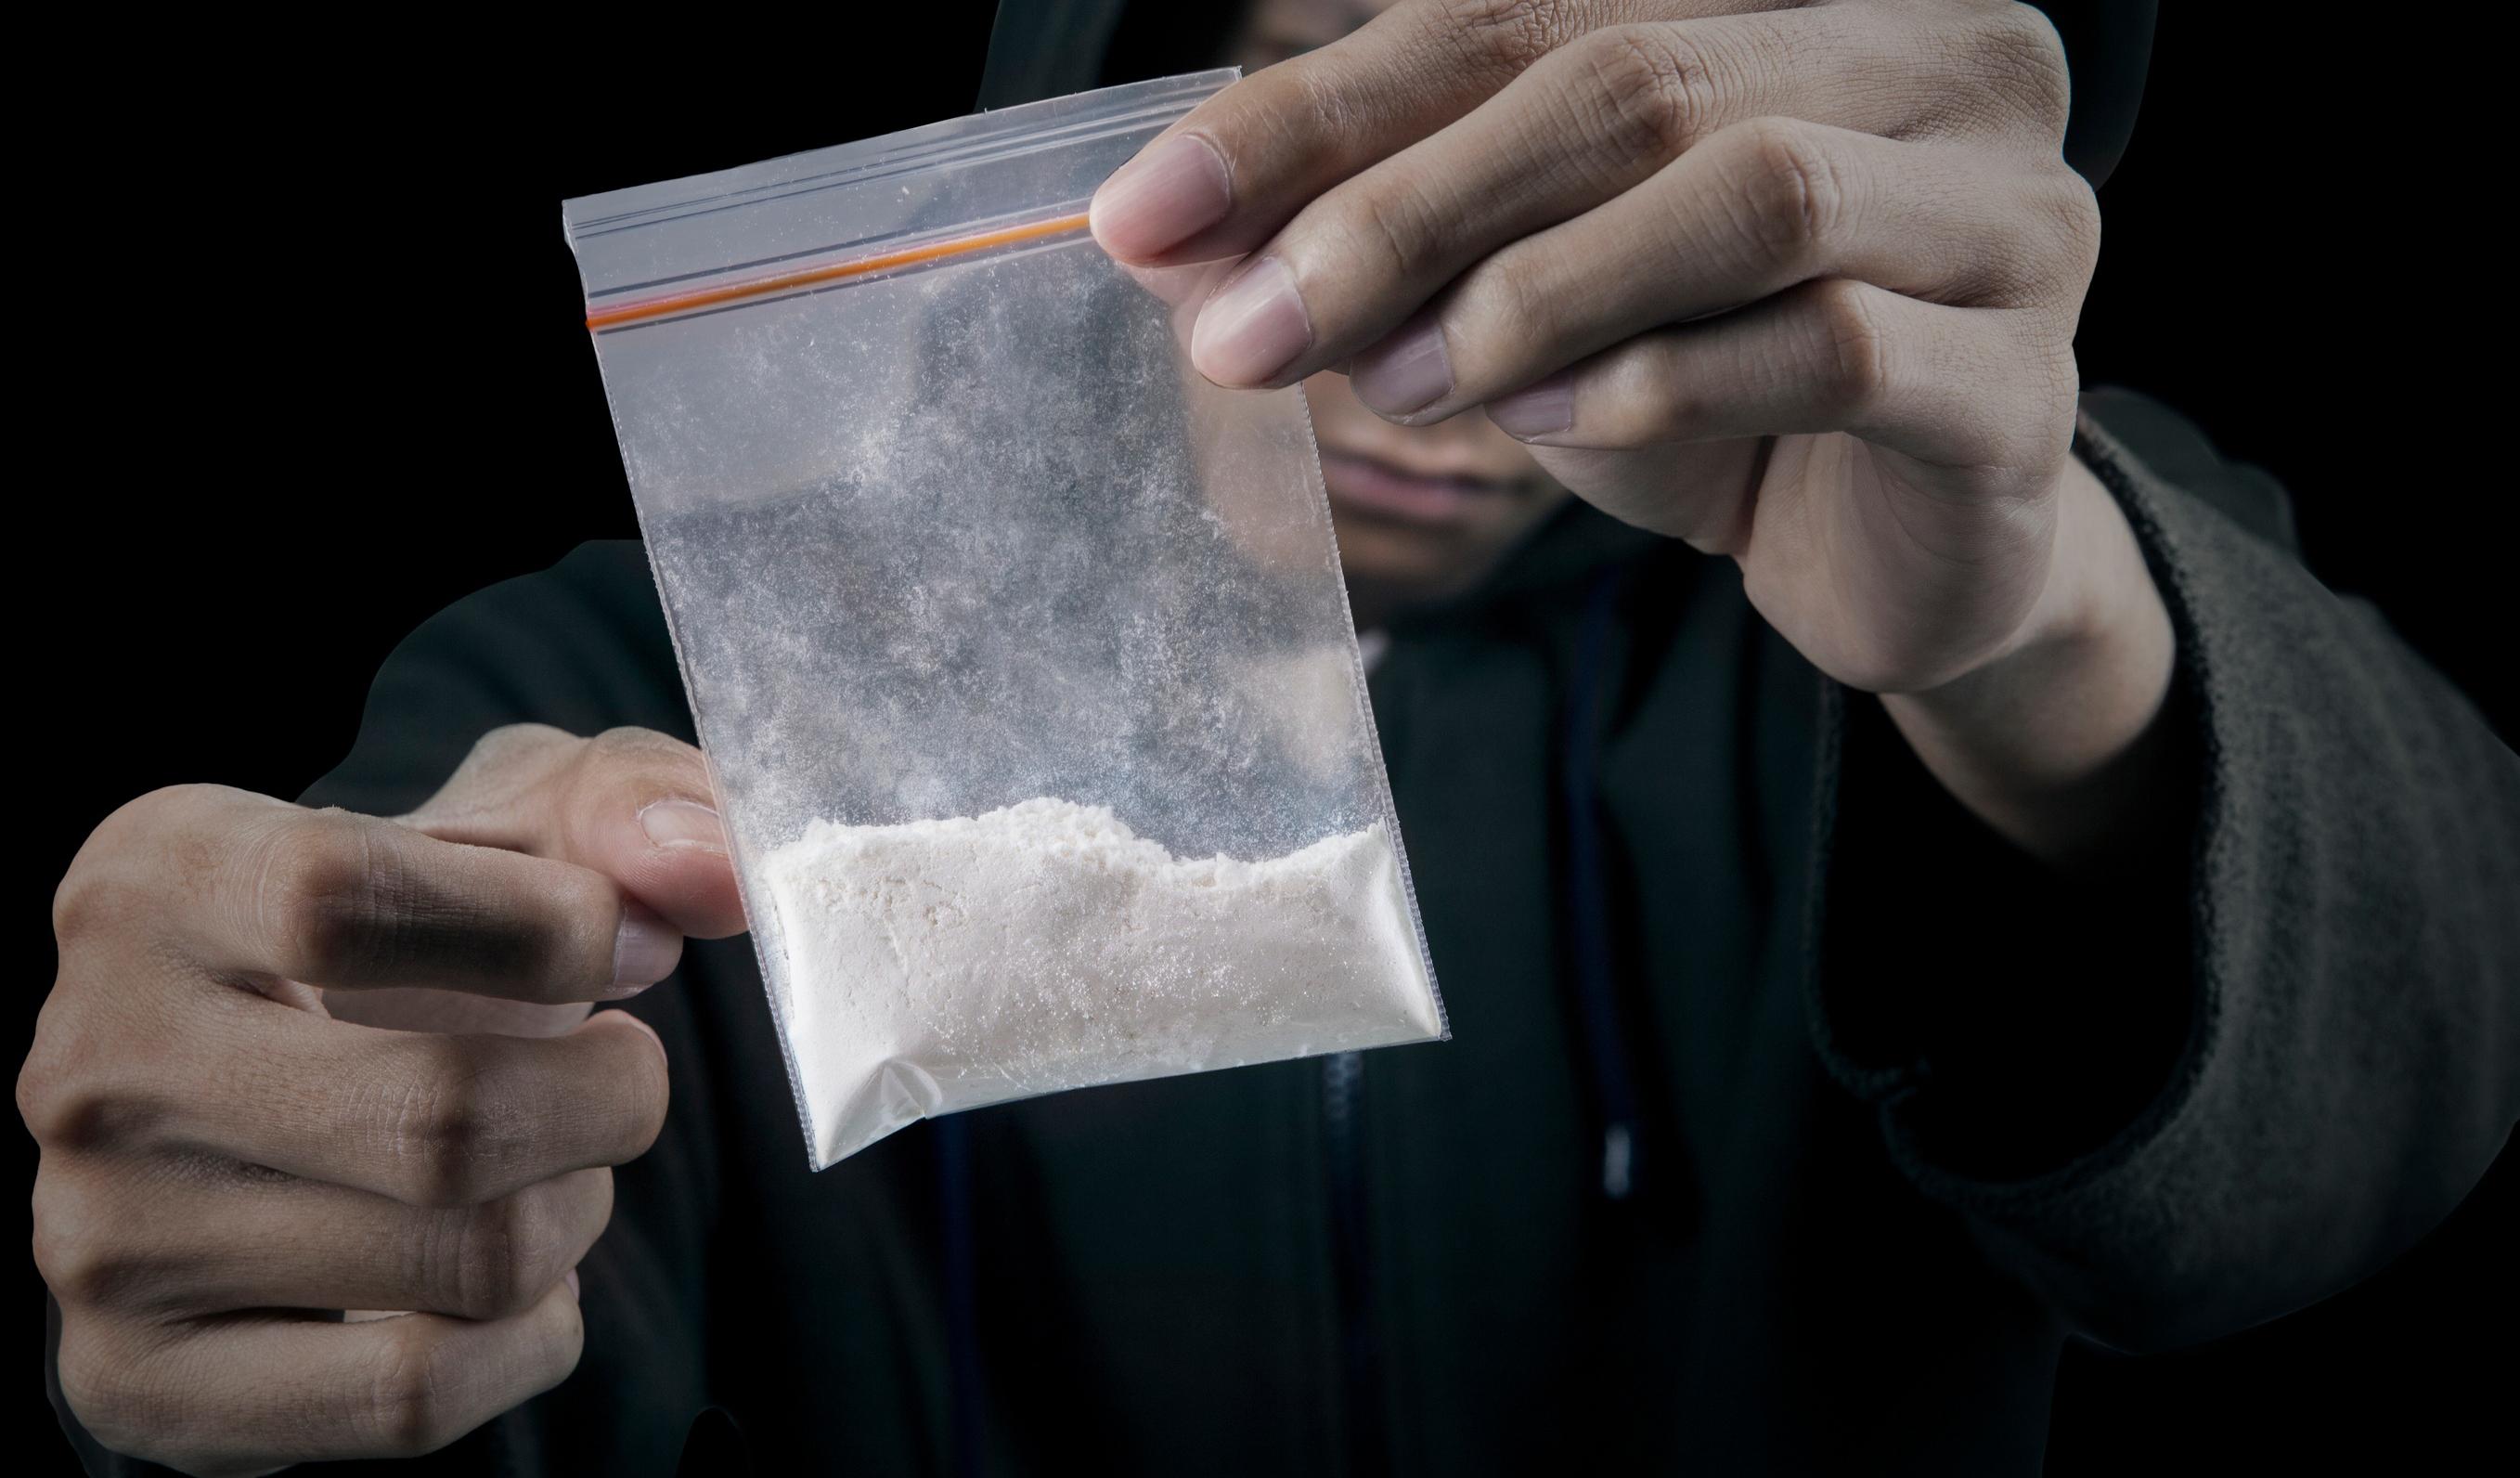 Секс под наркотиком солями